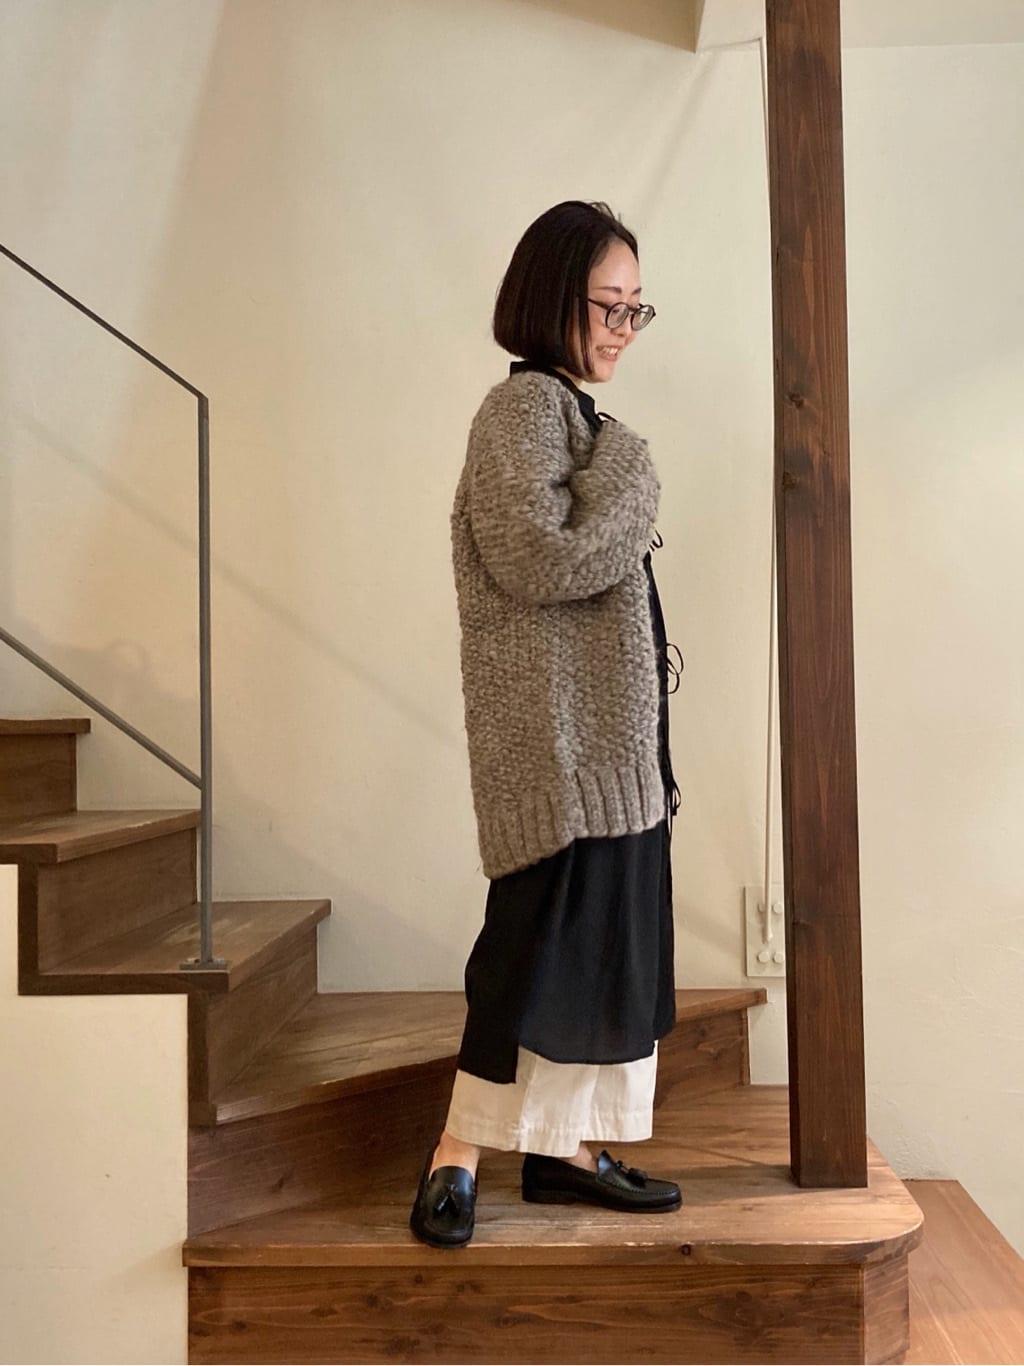 yuni 京都路面 身長:152cm 2021.09.10